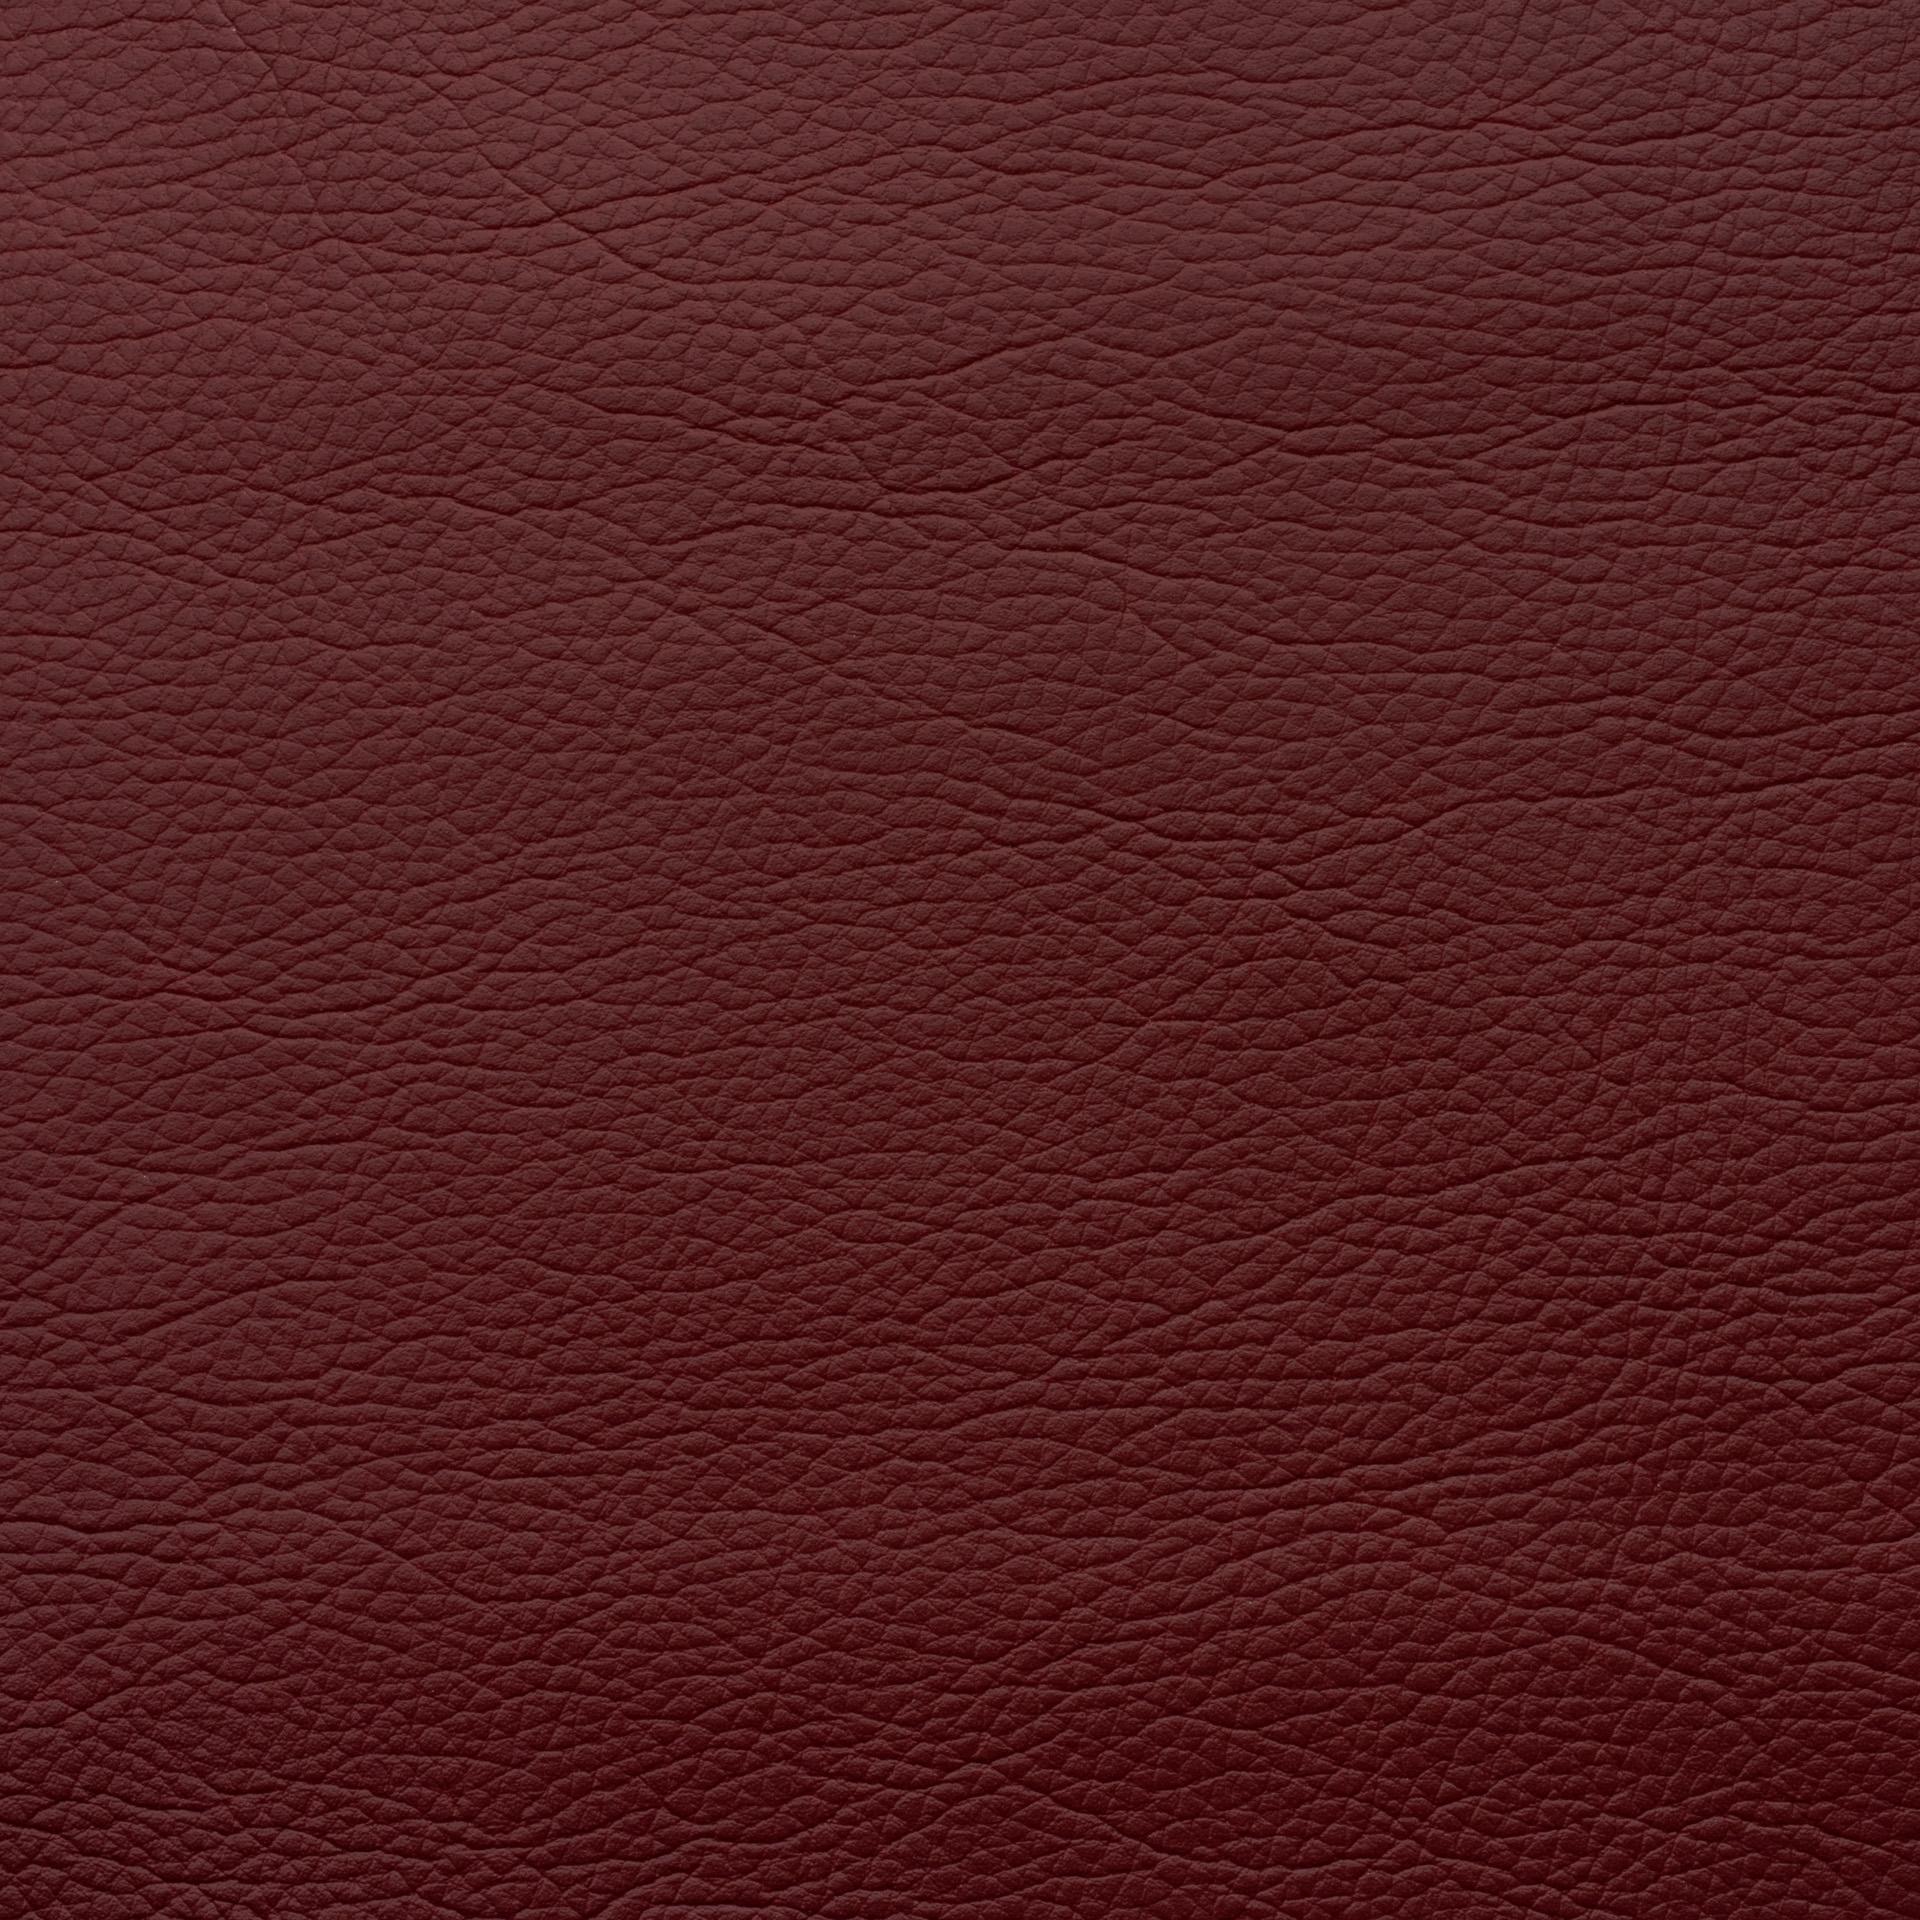 Коллекция ткани Леонардо Каппеллини 05 AUTUMN LEAVES,  купить ткань Кож зам для мебели Украина